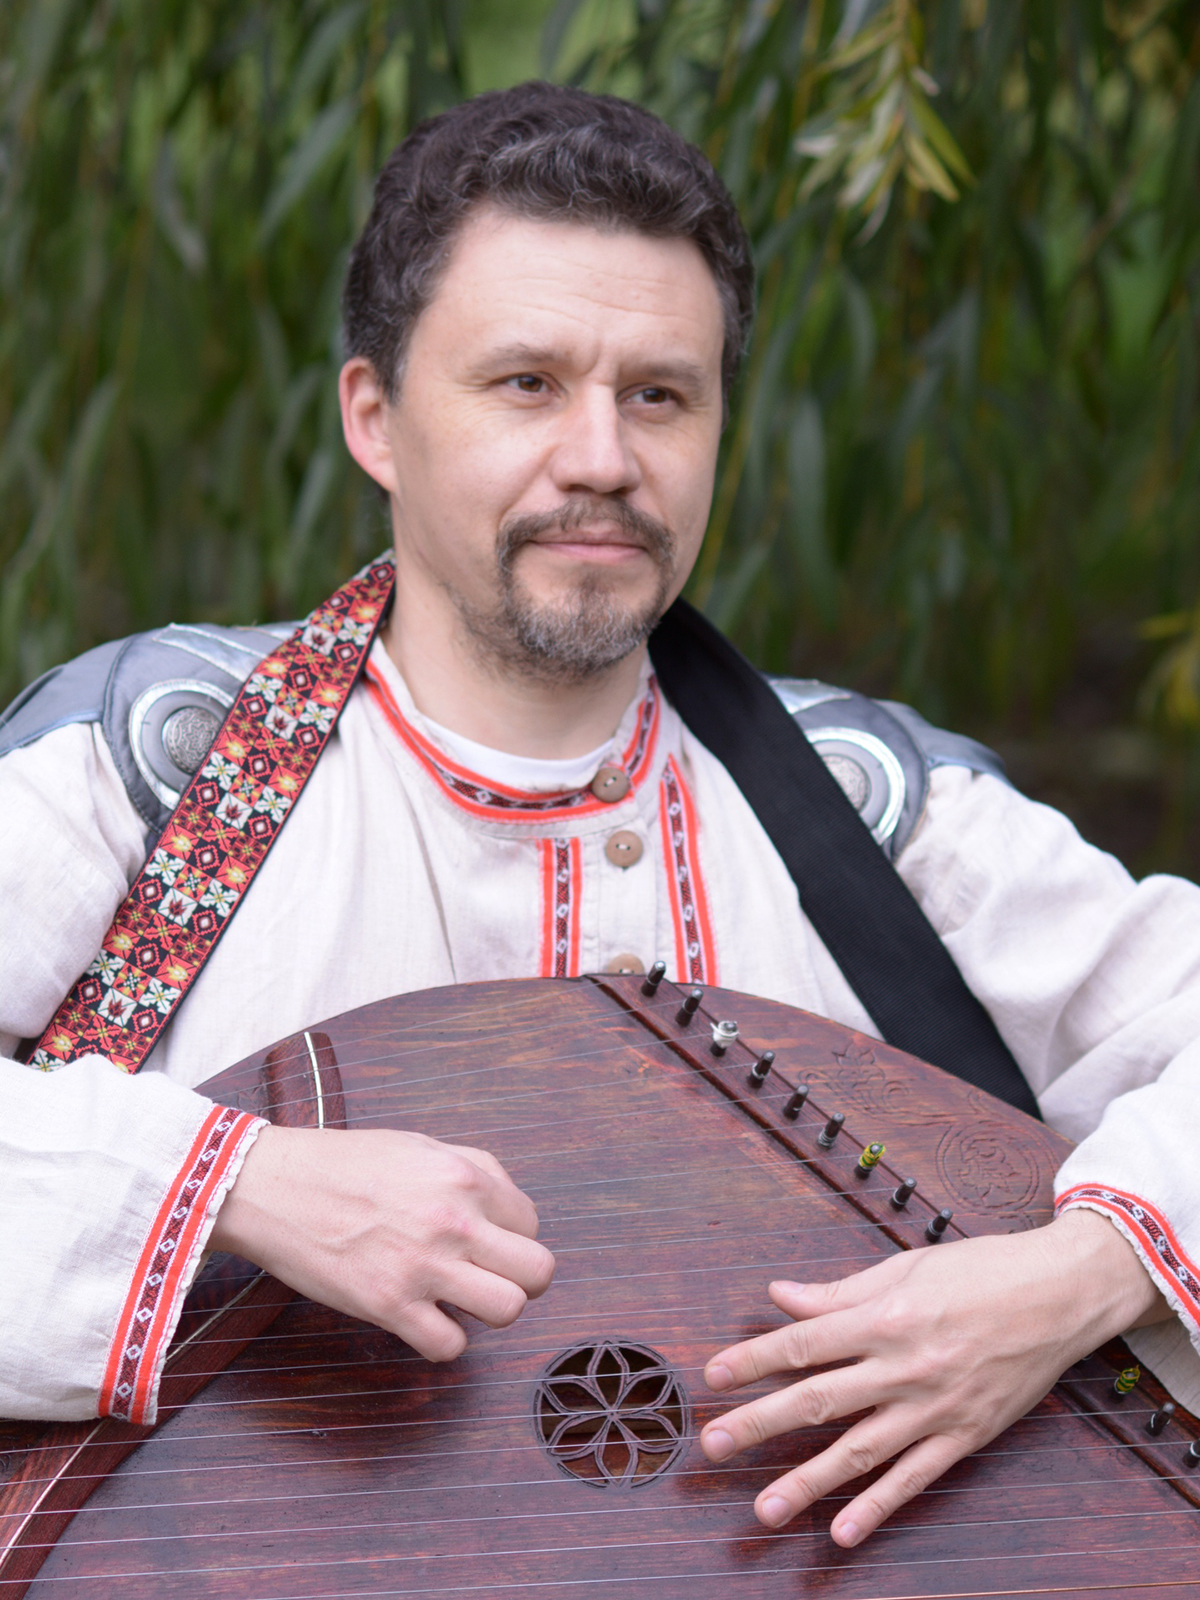 БОГОМИЛОВ КИРИЛЛ ЮРЬЕВИЧ - Гусляр, композитор